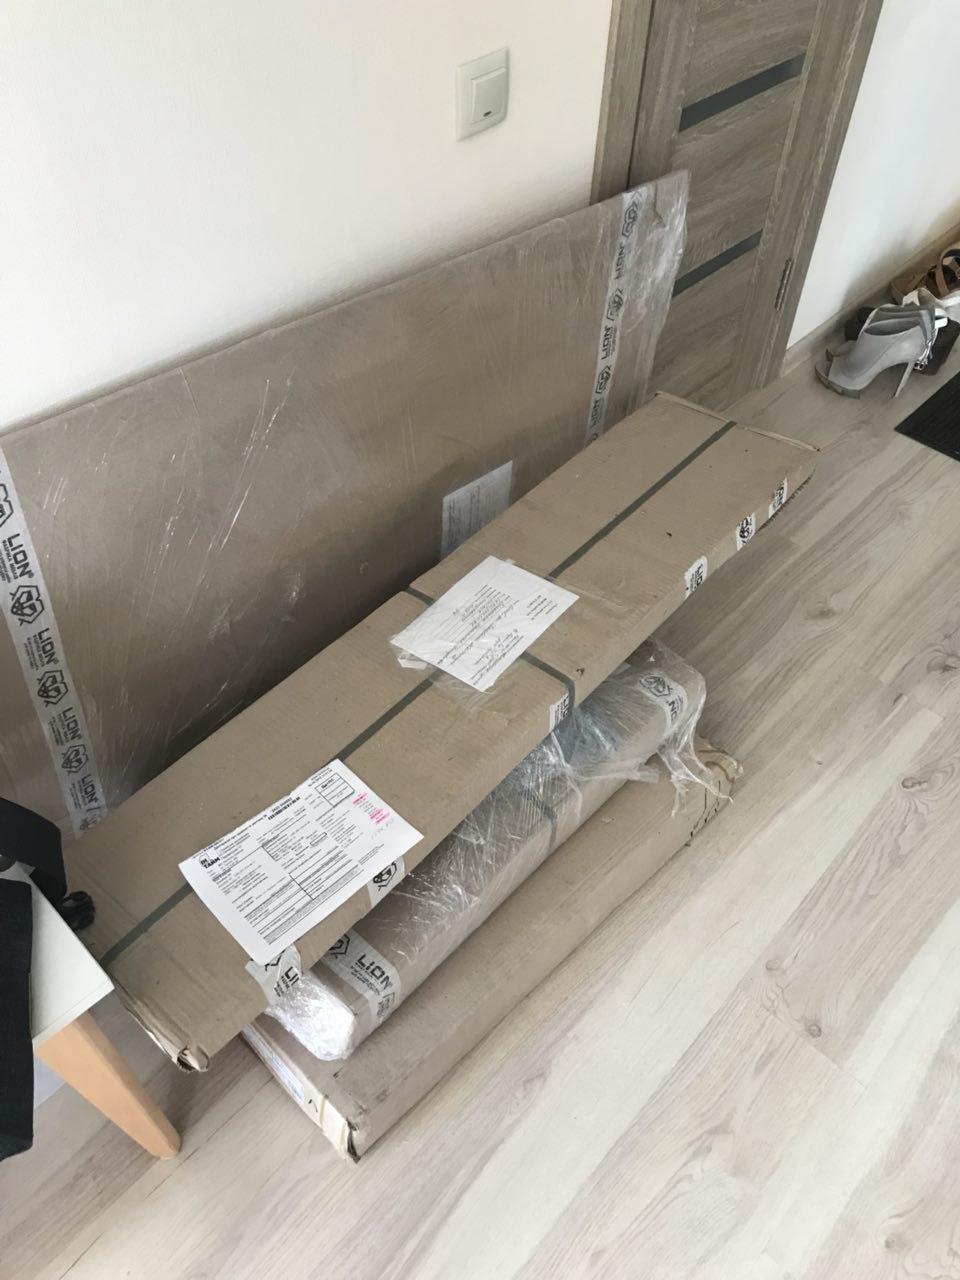 Фото Комплектующие для сборки мебели перед началом работ.